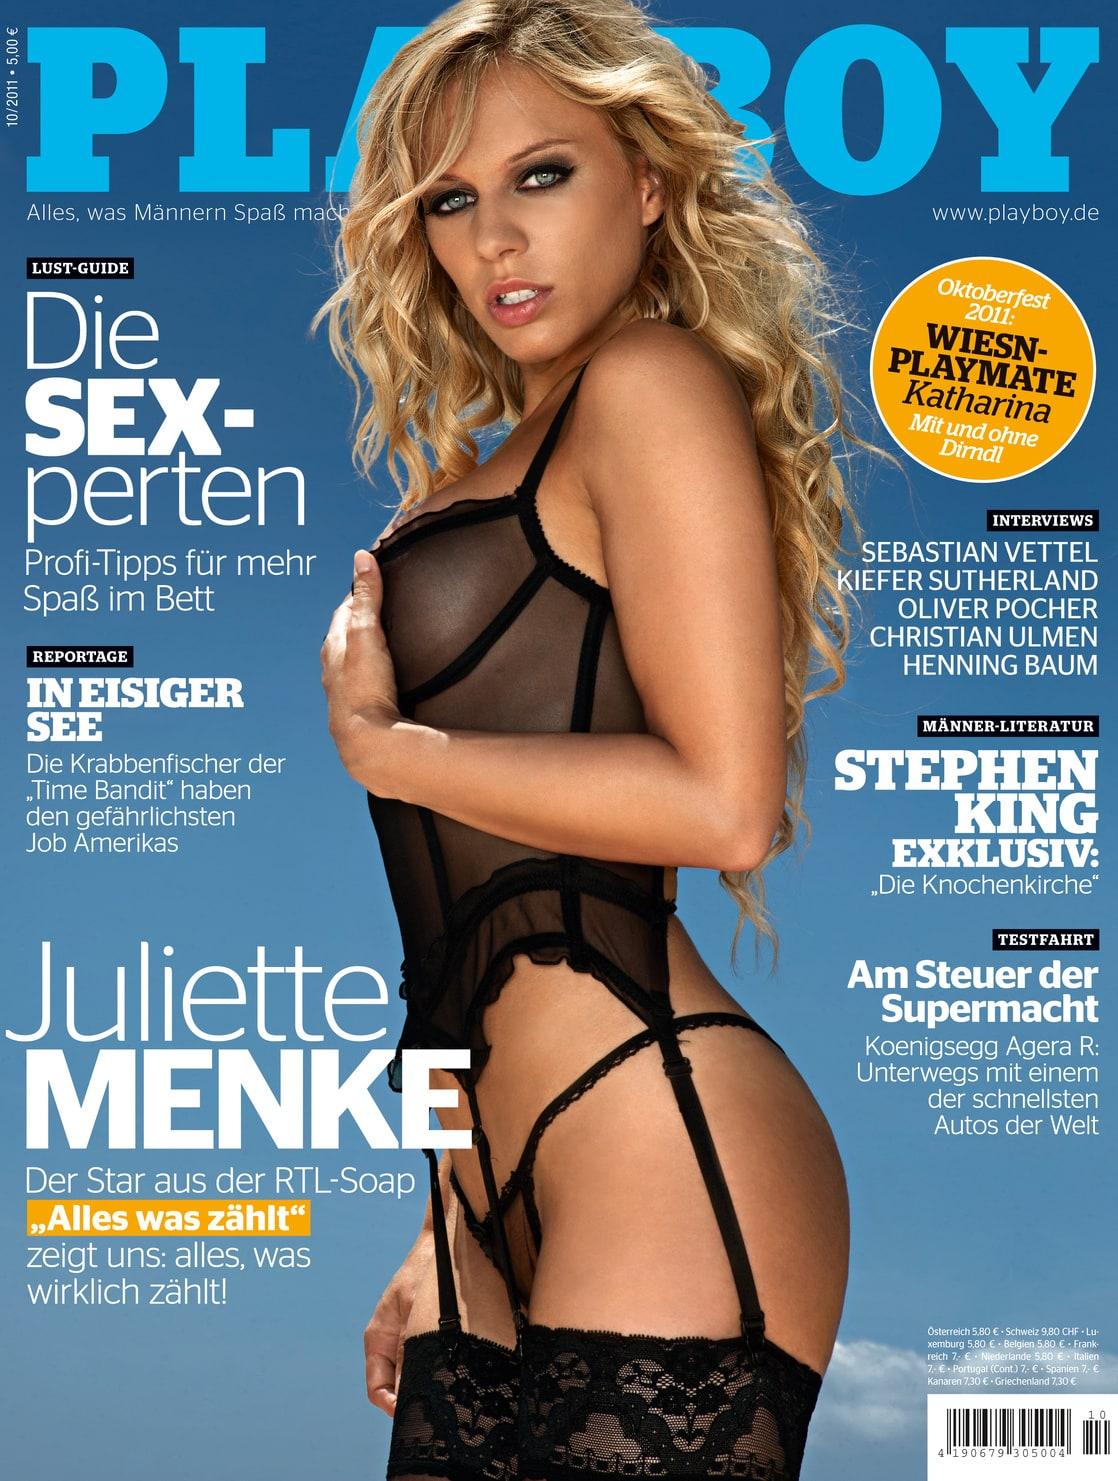 Picture of Juliette Menke